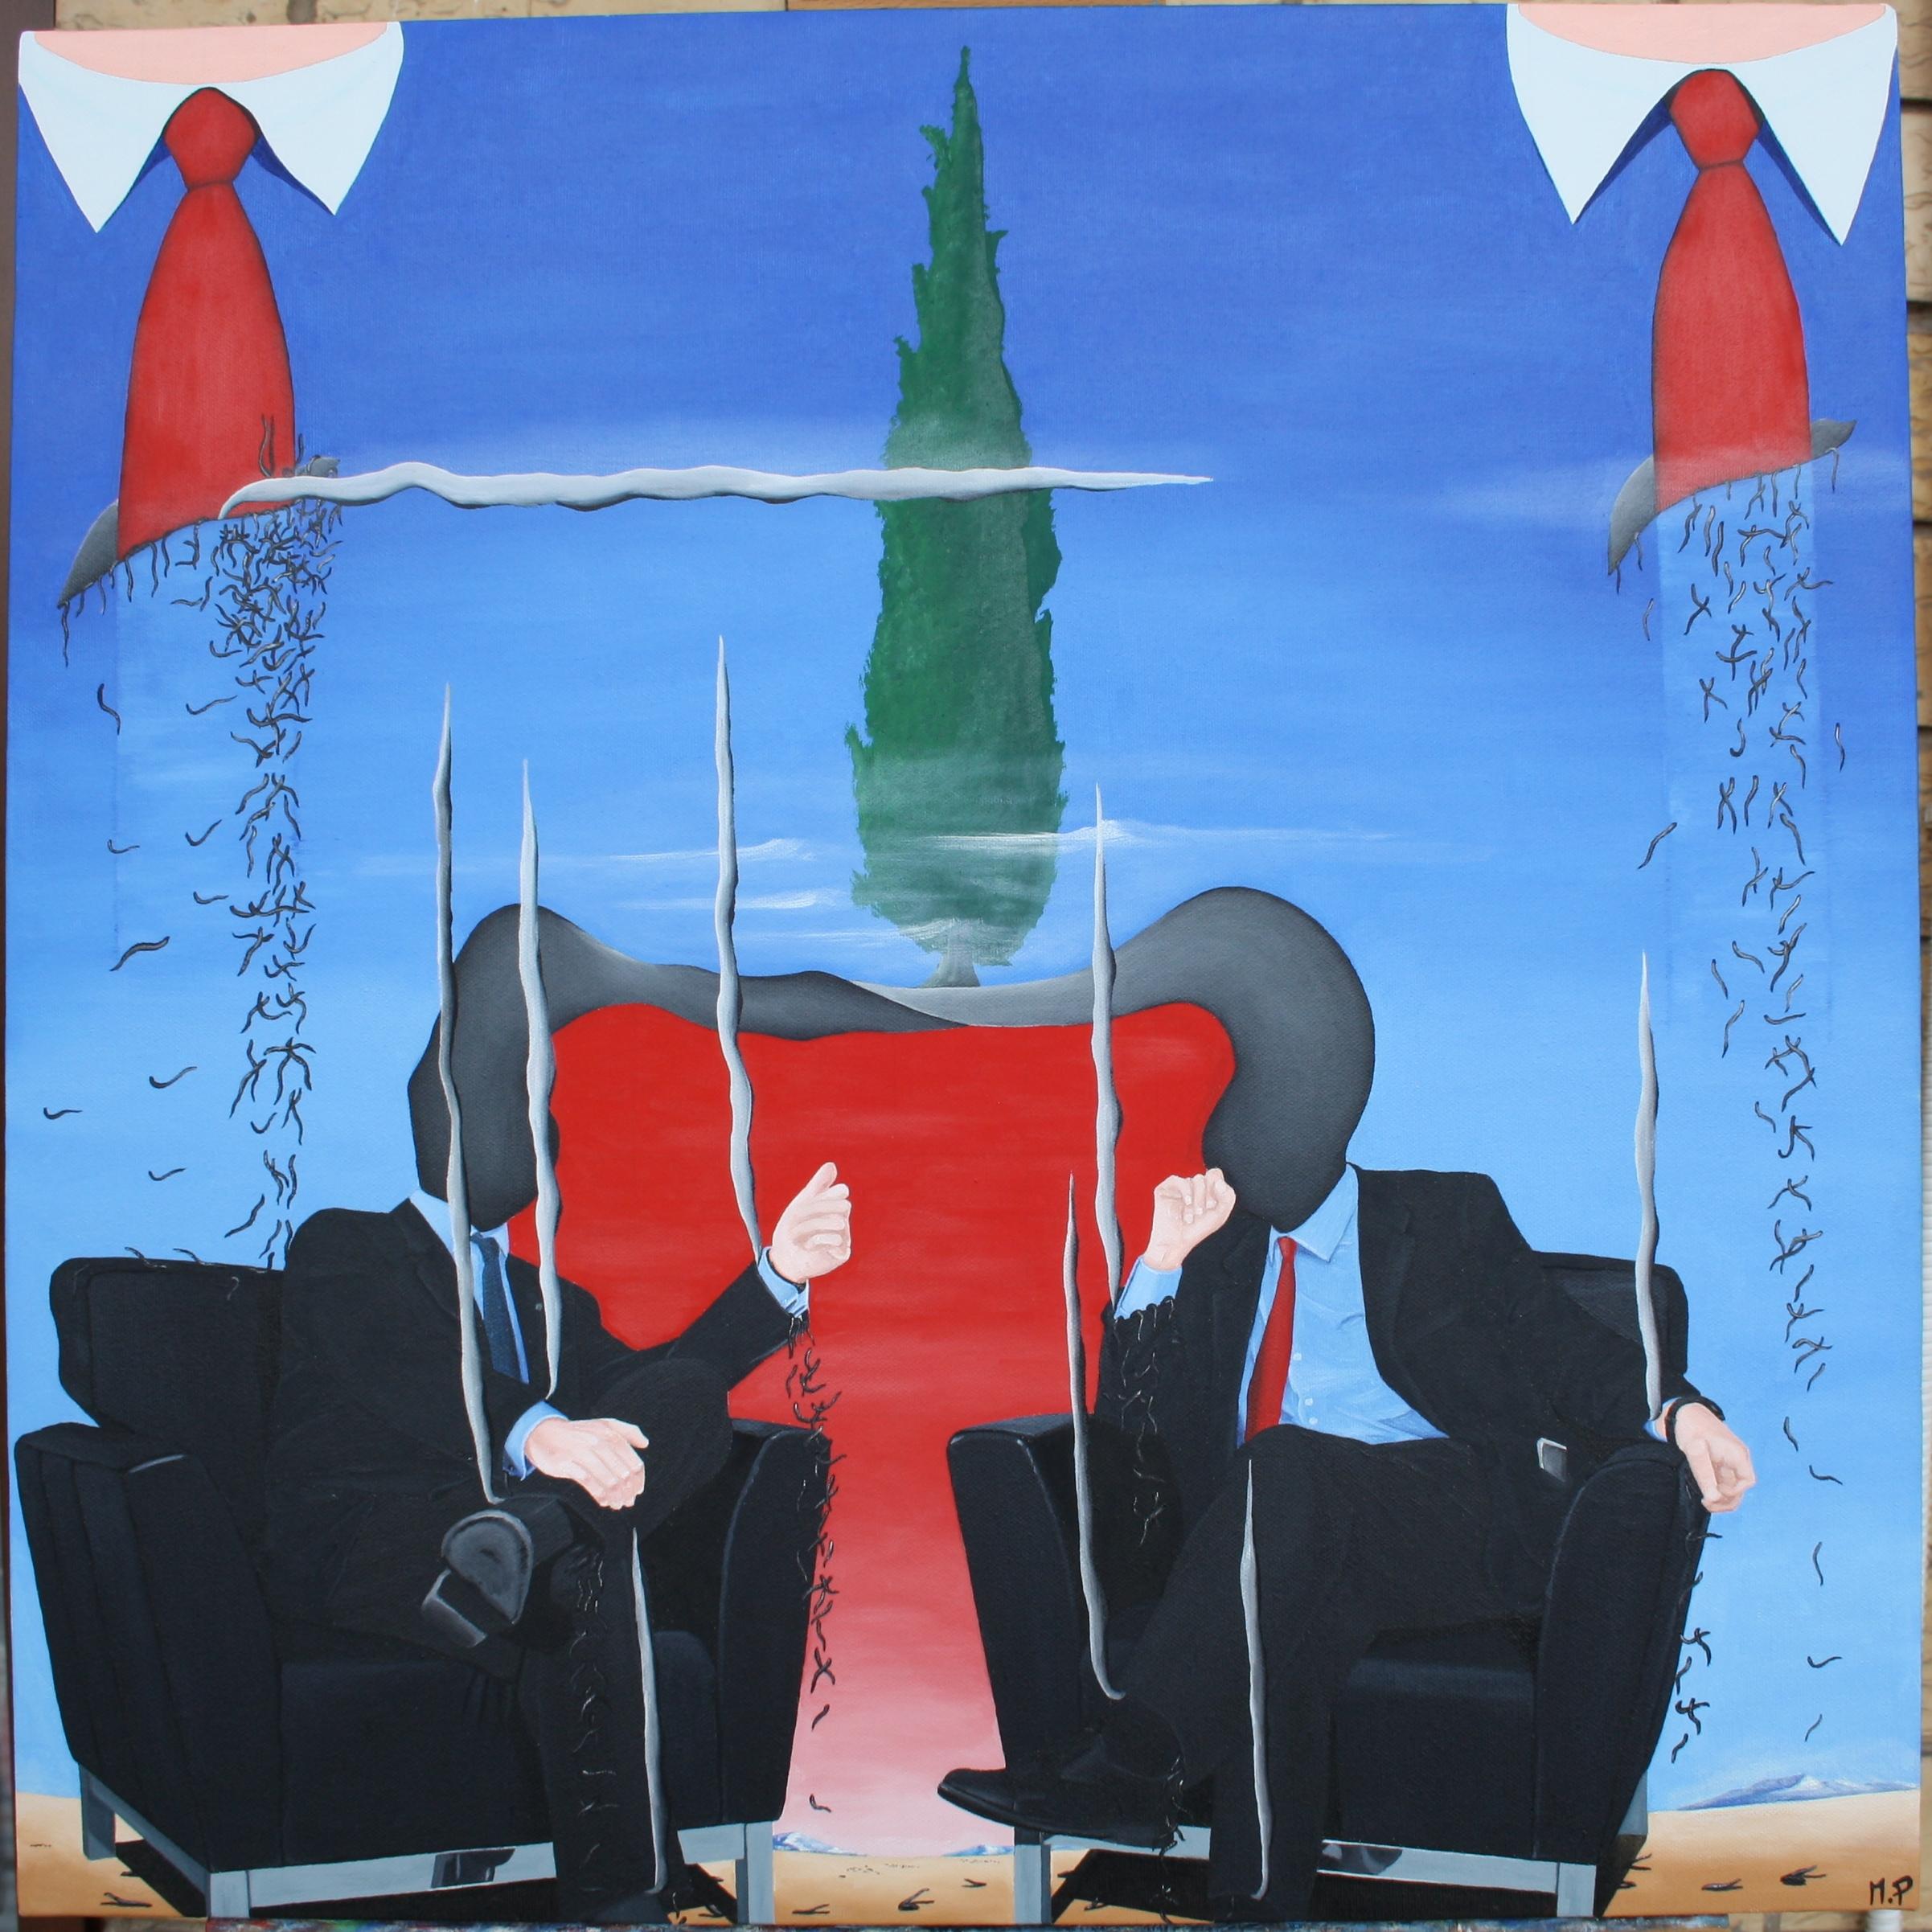 Incontro dei grandi con le rispettive delegazioni, 2012 olio su tela cm 60x60 Pasquale Mastrogiacomo, Acerno (SA)